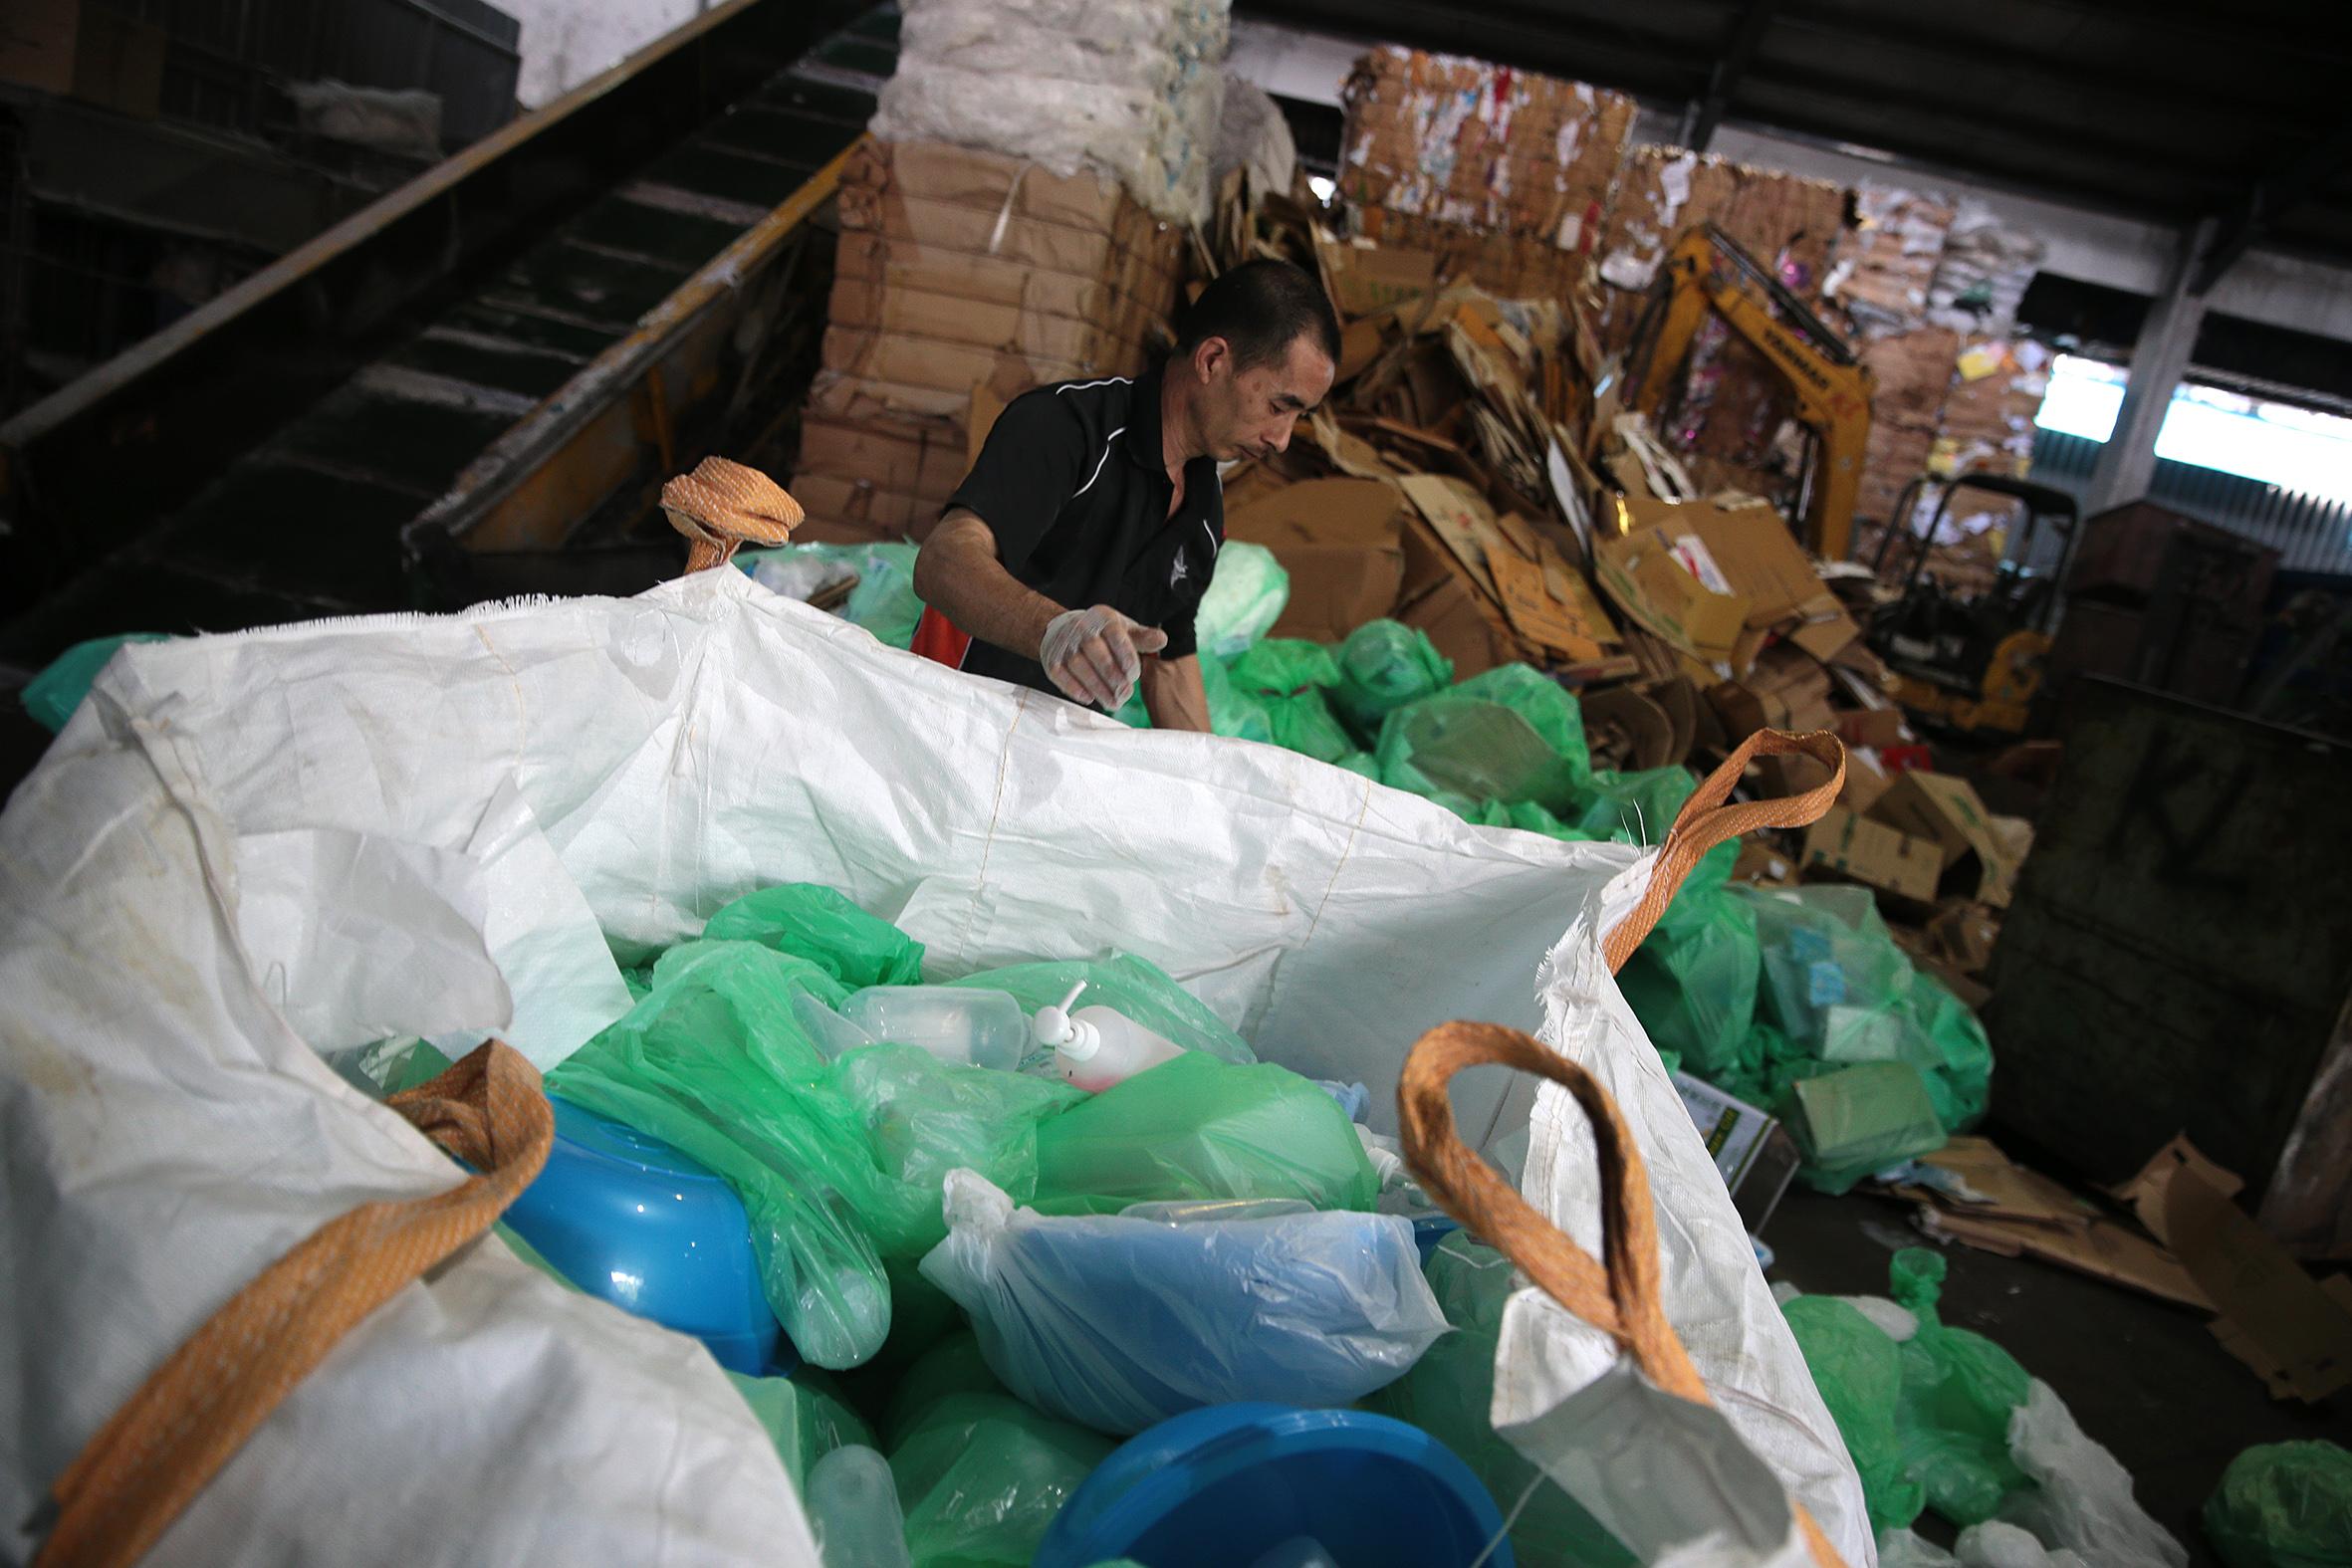 Một công nhân phân loại rác thải tại nhà máy tái chế rác thải Impetus Conceptus, ở miền bắc Singapore. Mỗi tháng, Impetus Conceptus tái chế từ 600 đến 700 tấn chất thải nhựa một tháng.